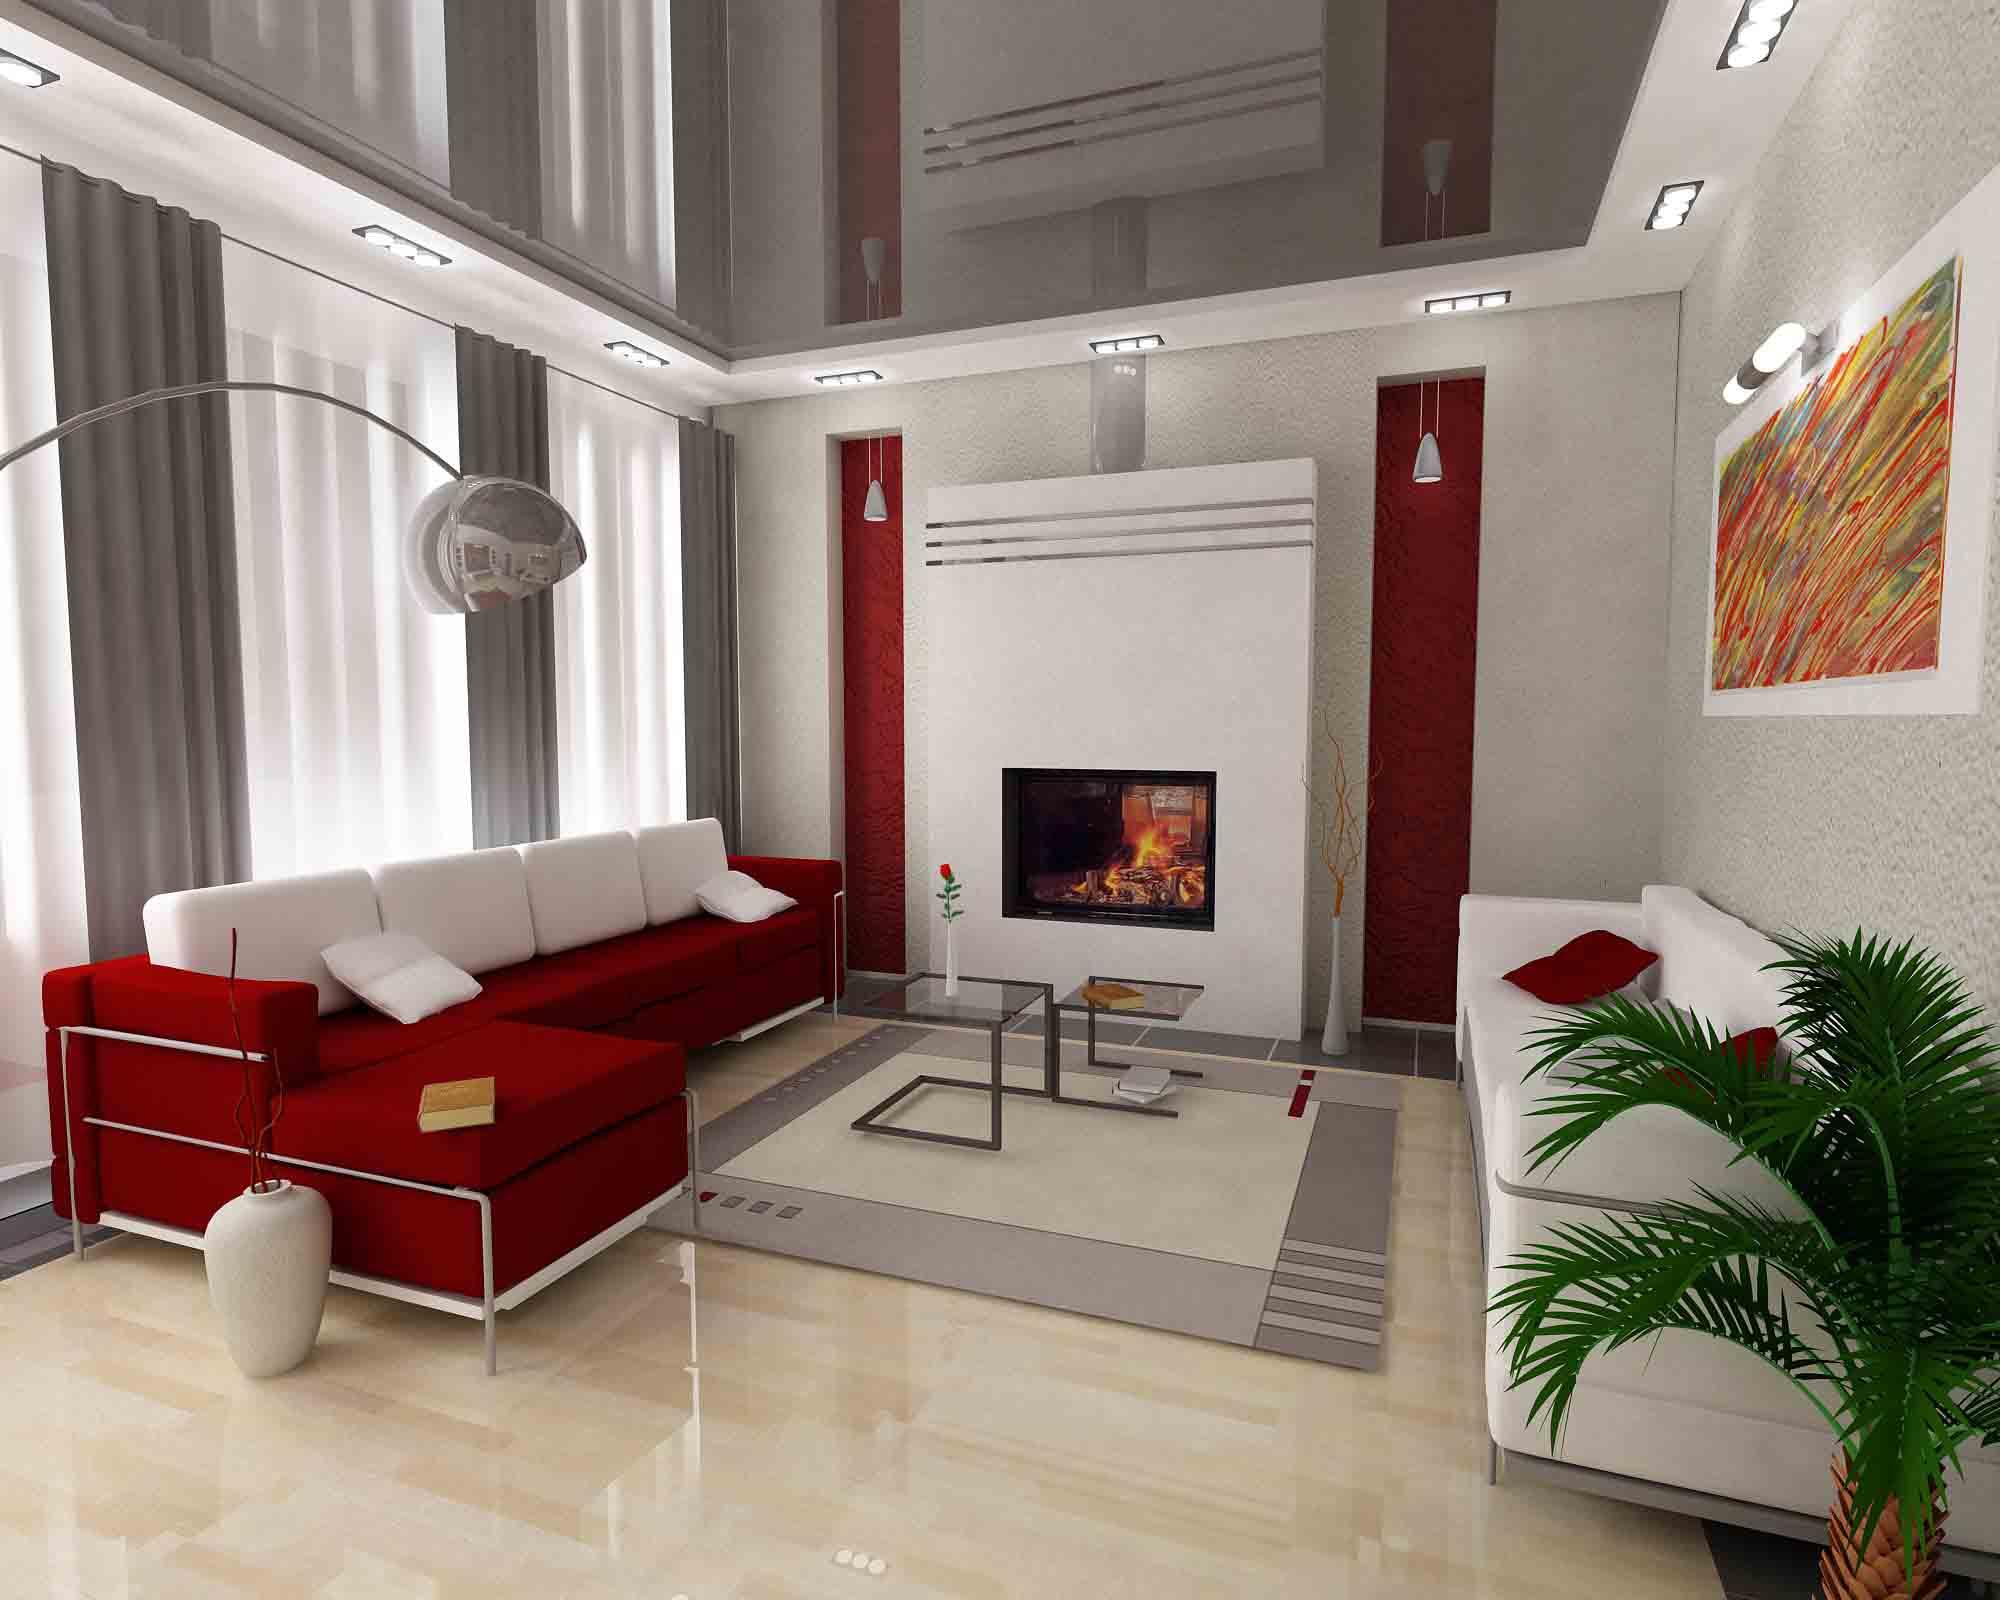 Дизайн интерьера потолка квартиры